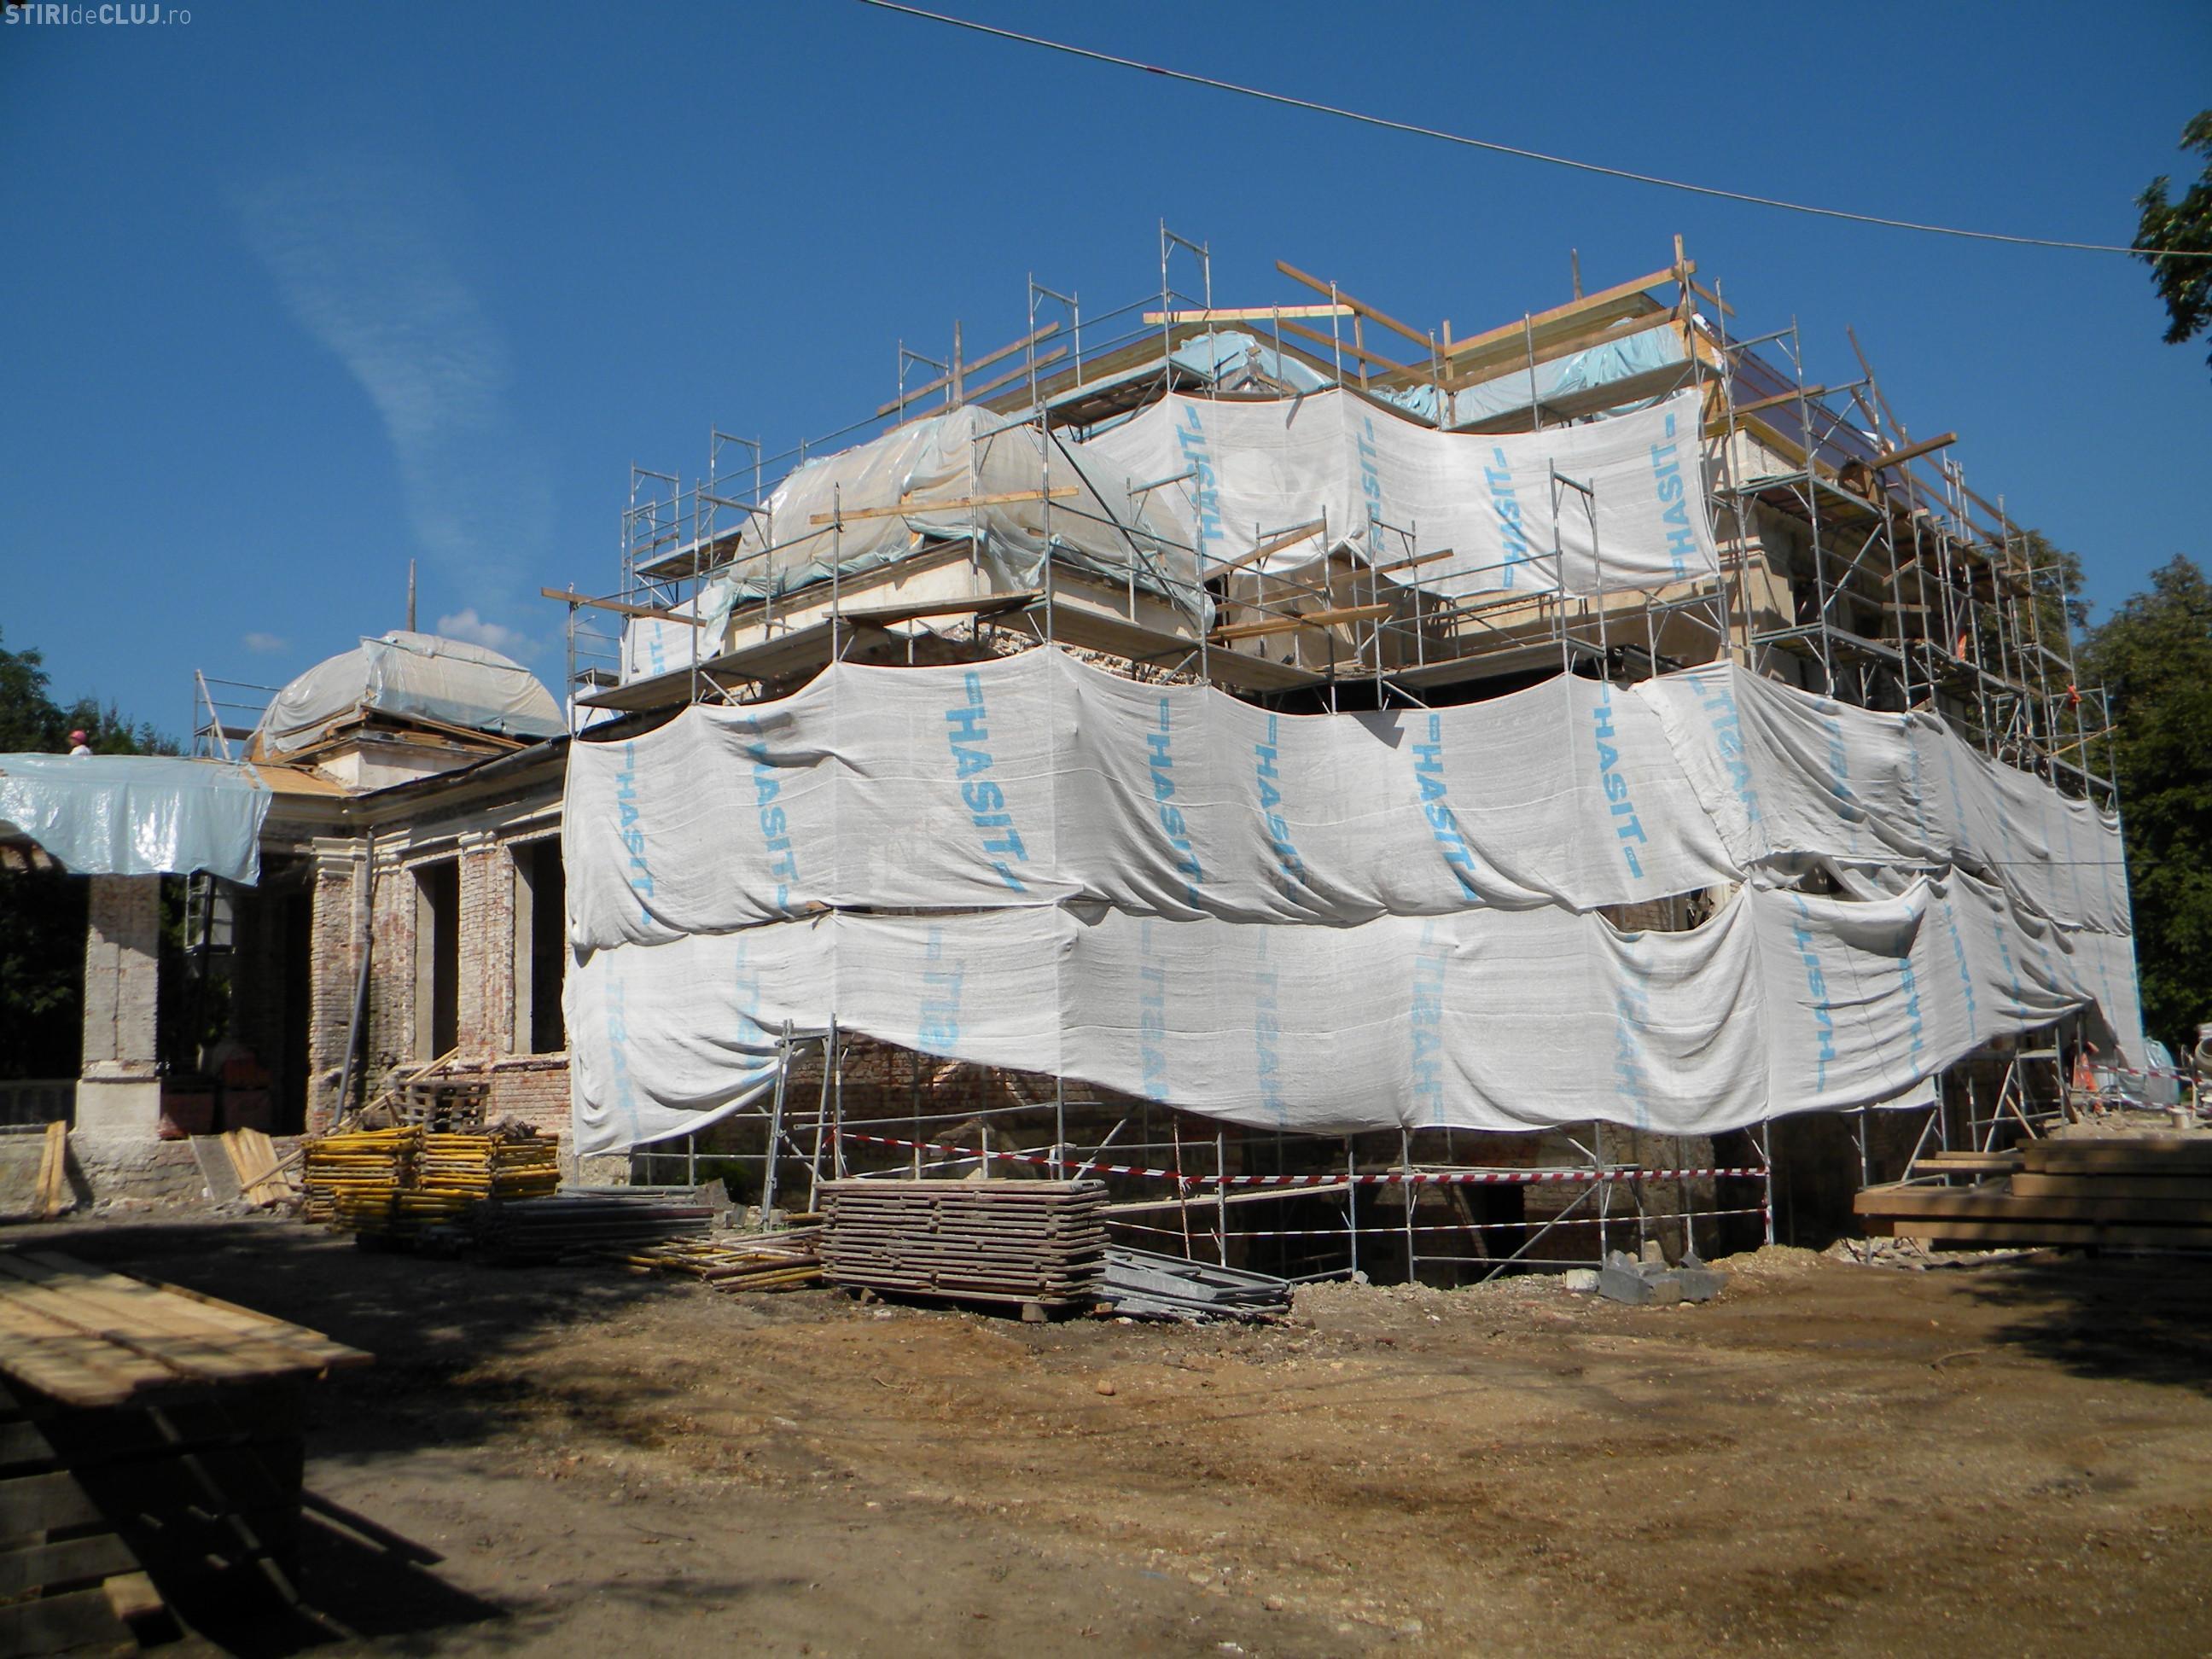 Palatul Clujului prinde contur in Parcul Central! Vezi explicatiile arhitectilor despre lucrarile de restaurare a Cazinoului VIDEO